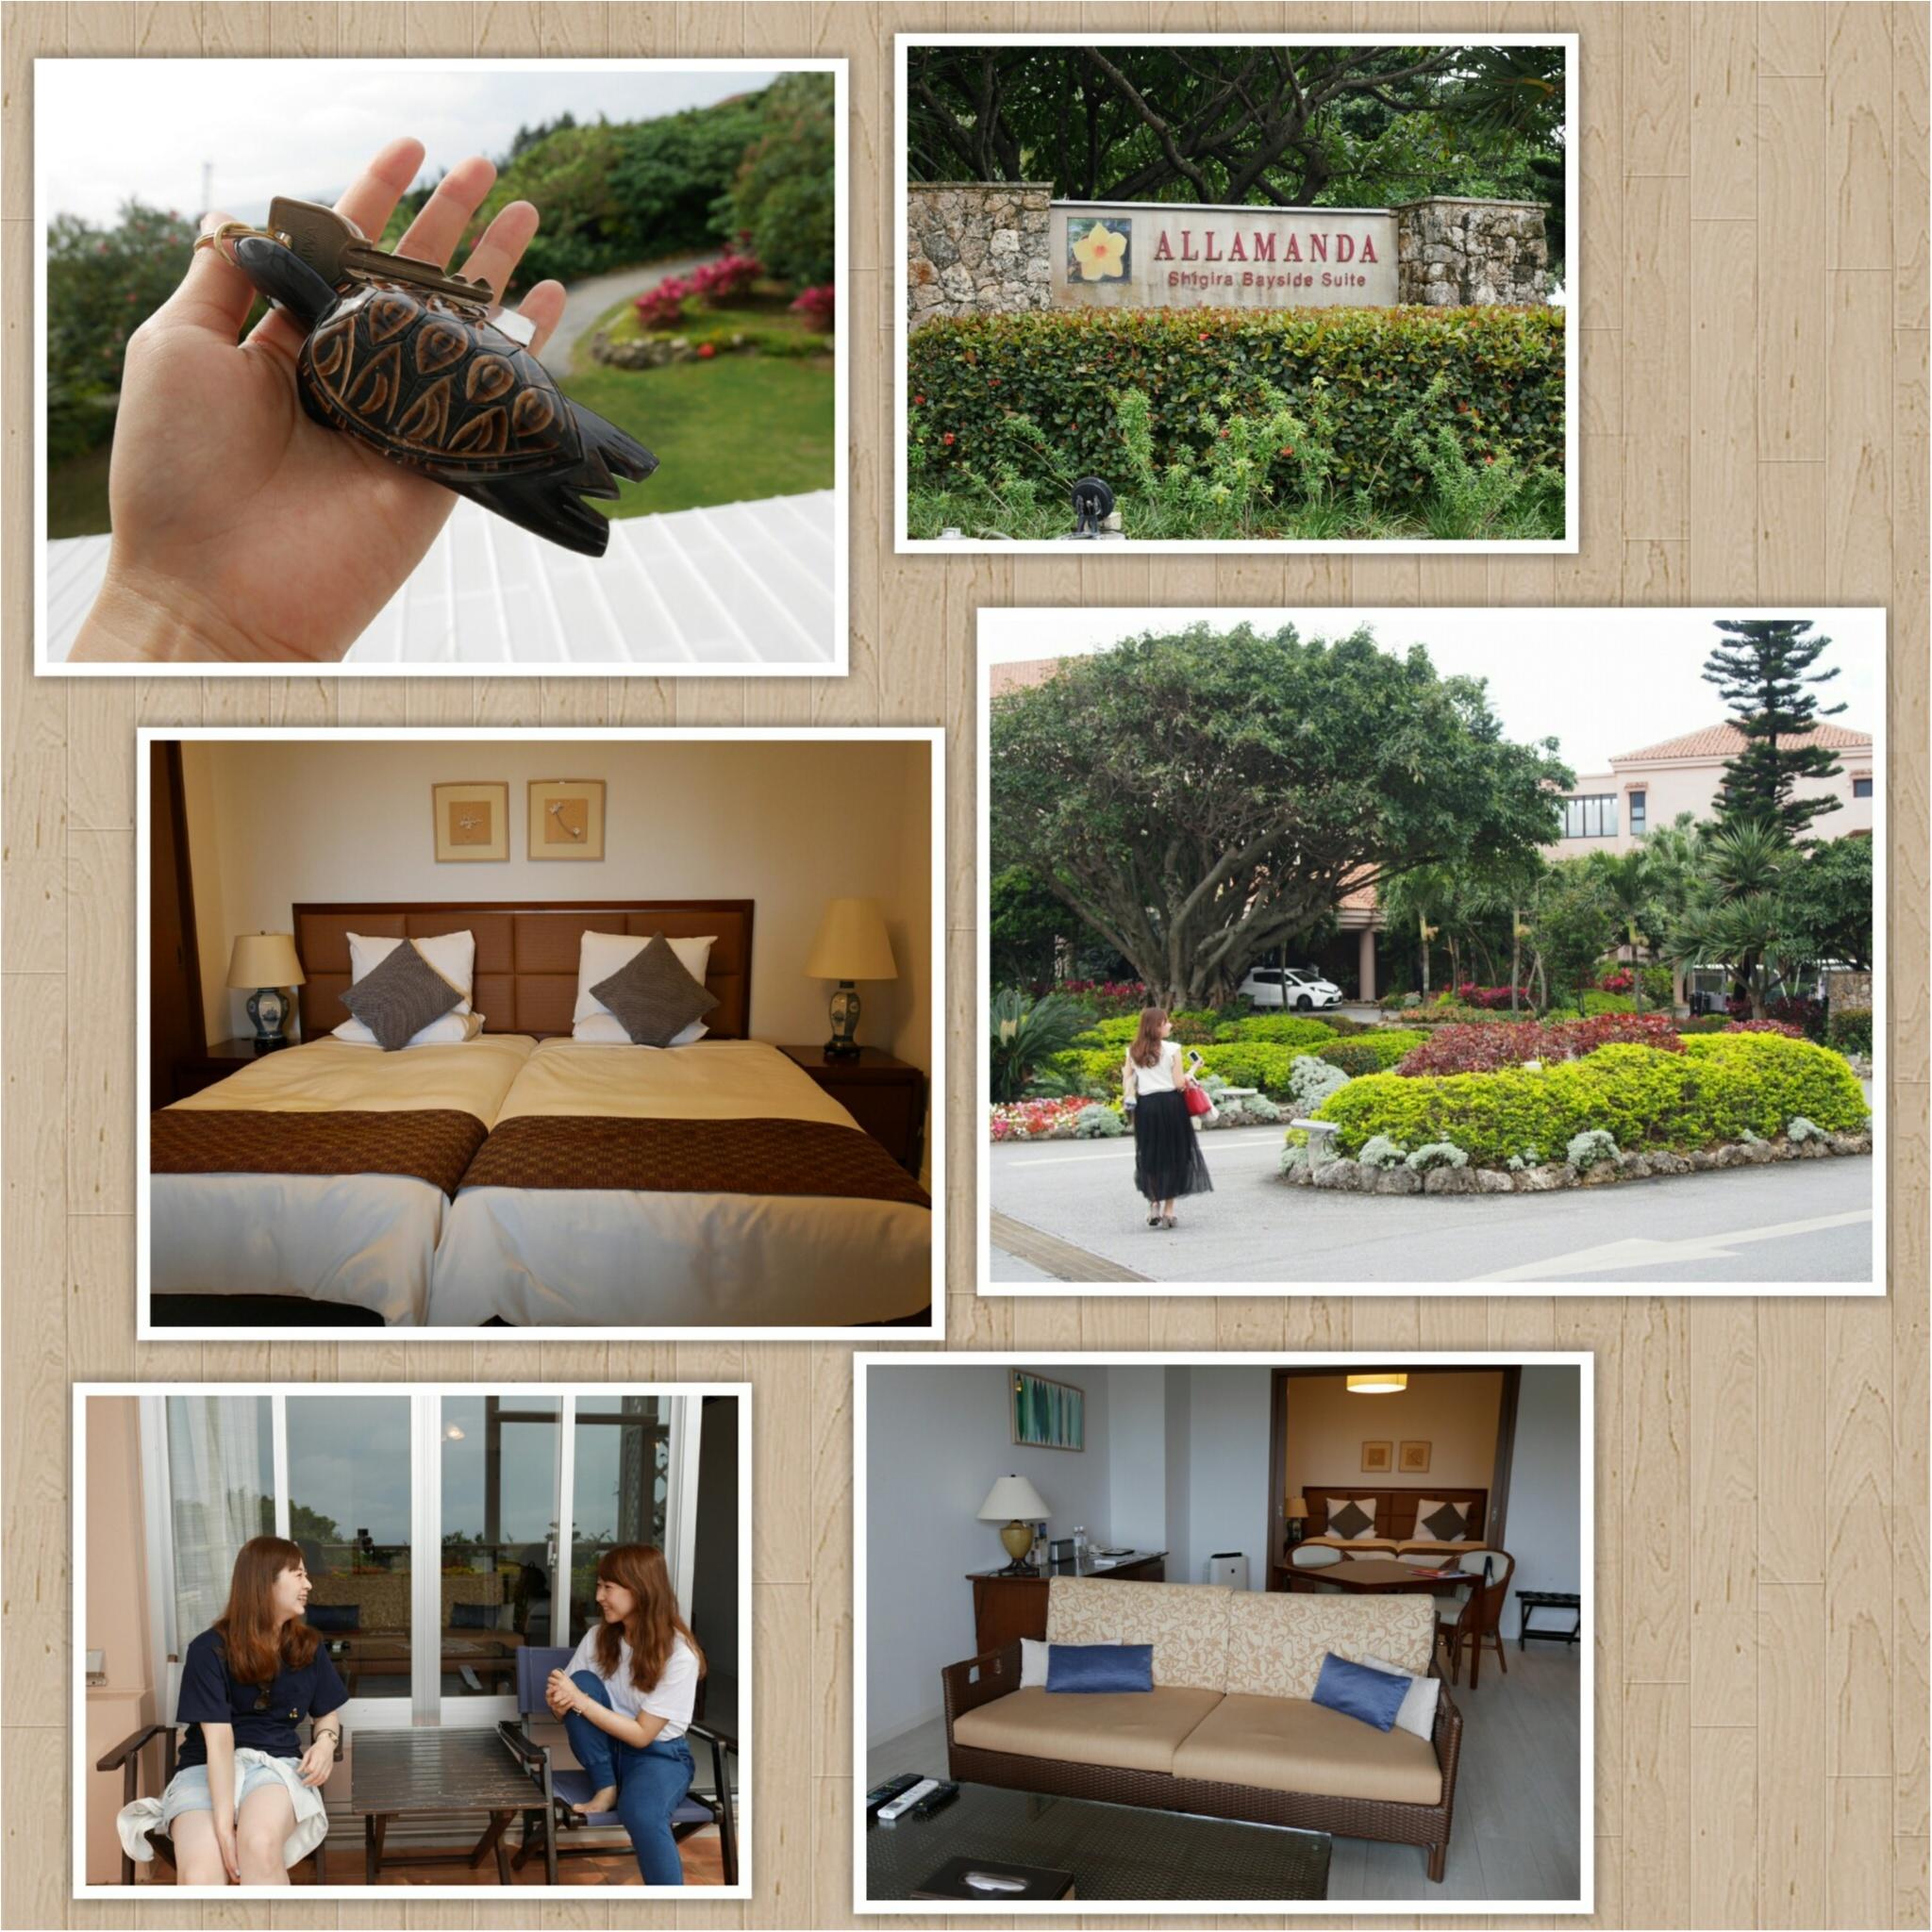 【宮古島】沖縄の離島が好きな人へ、1泊2日の弾丸旅のすすめ。_3